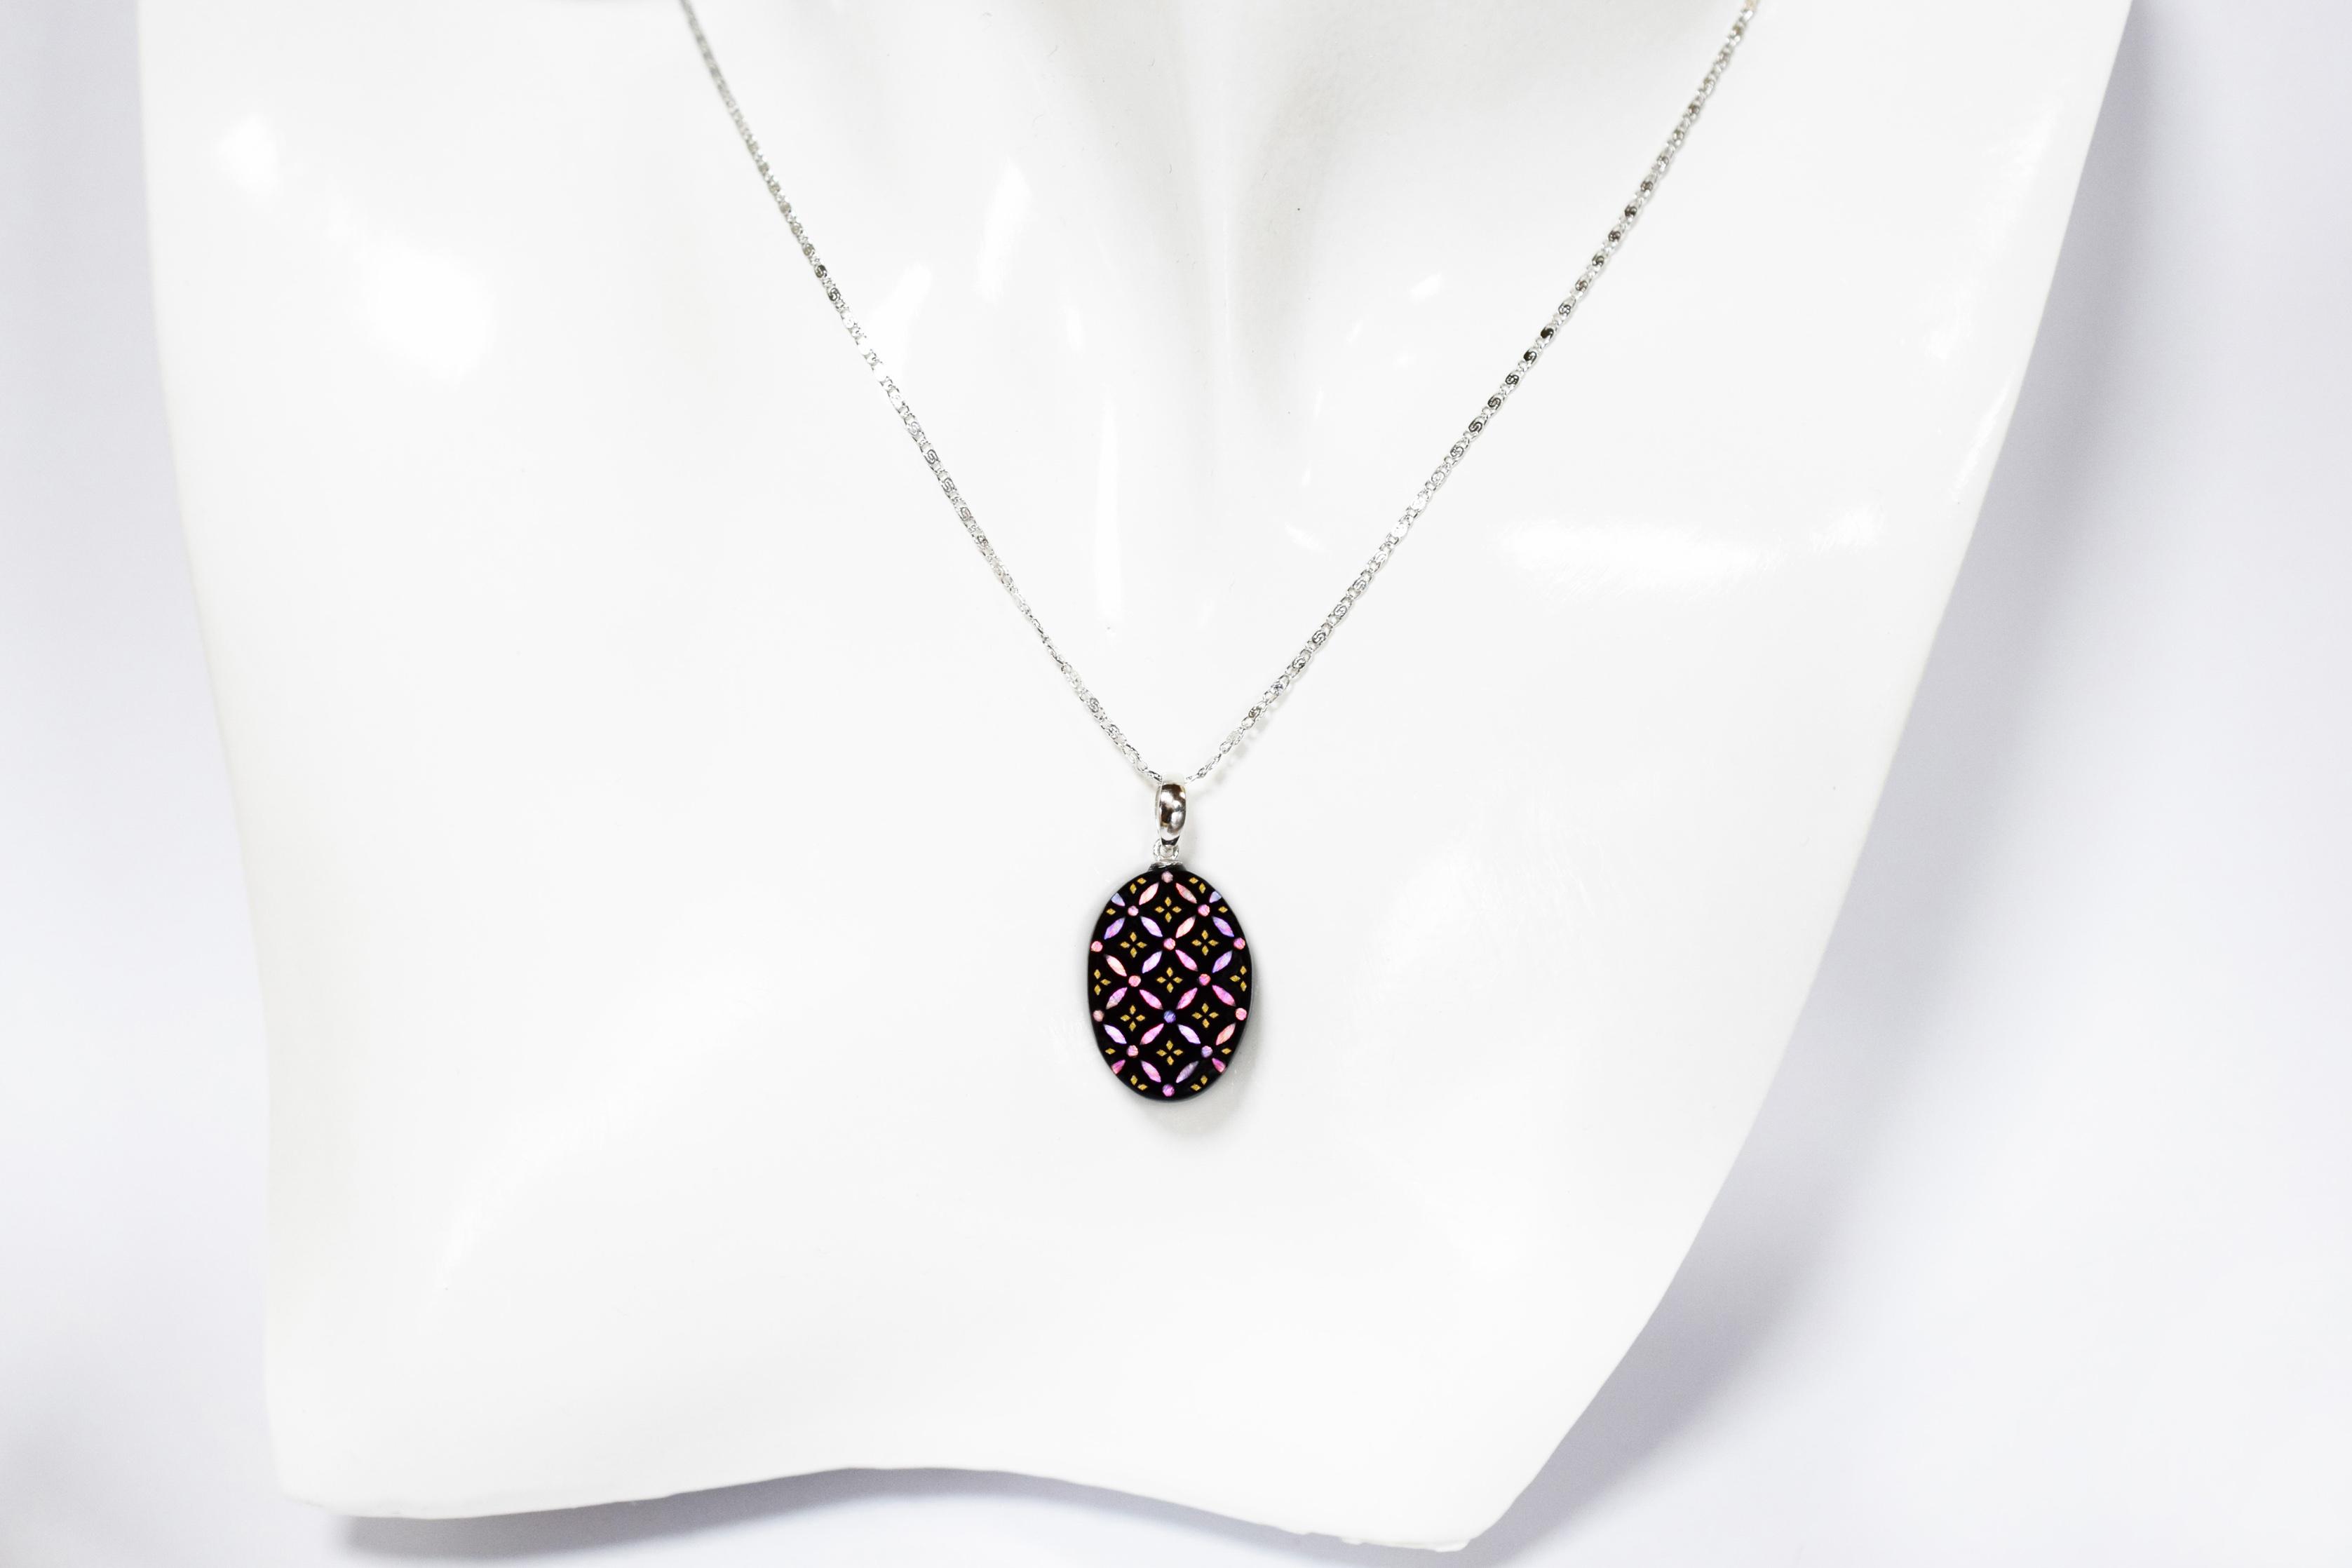 raden_necklace_hanabishi_s_pnk